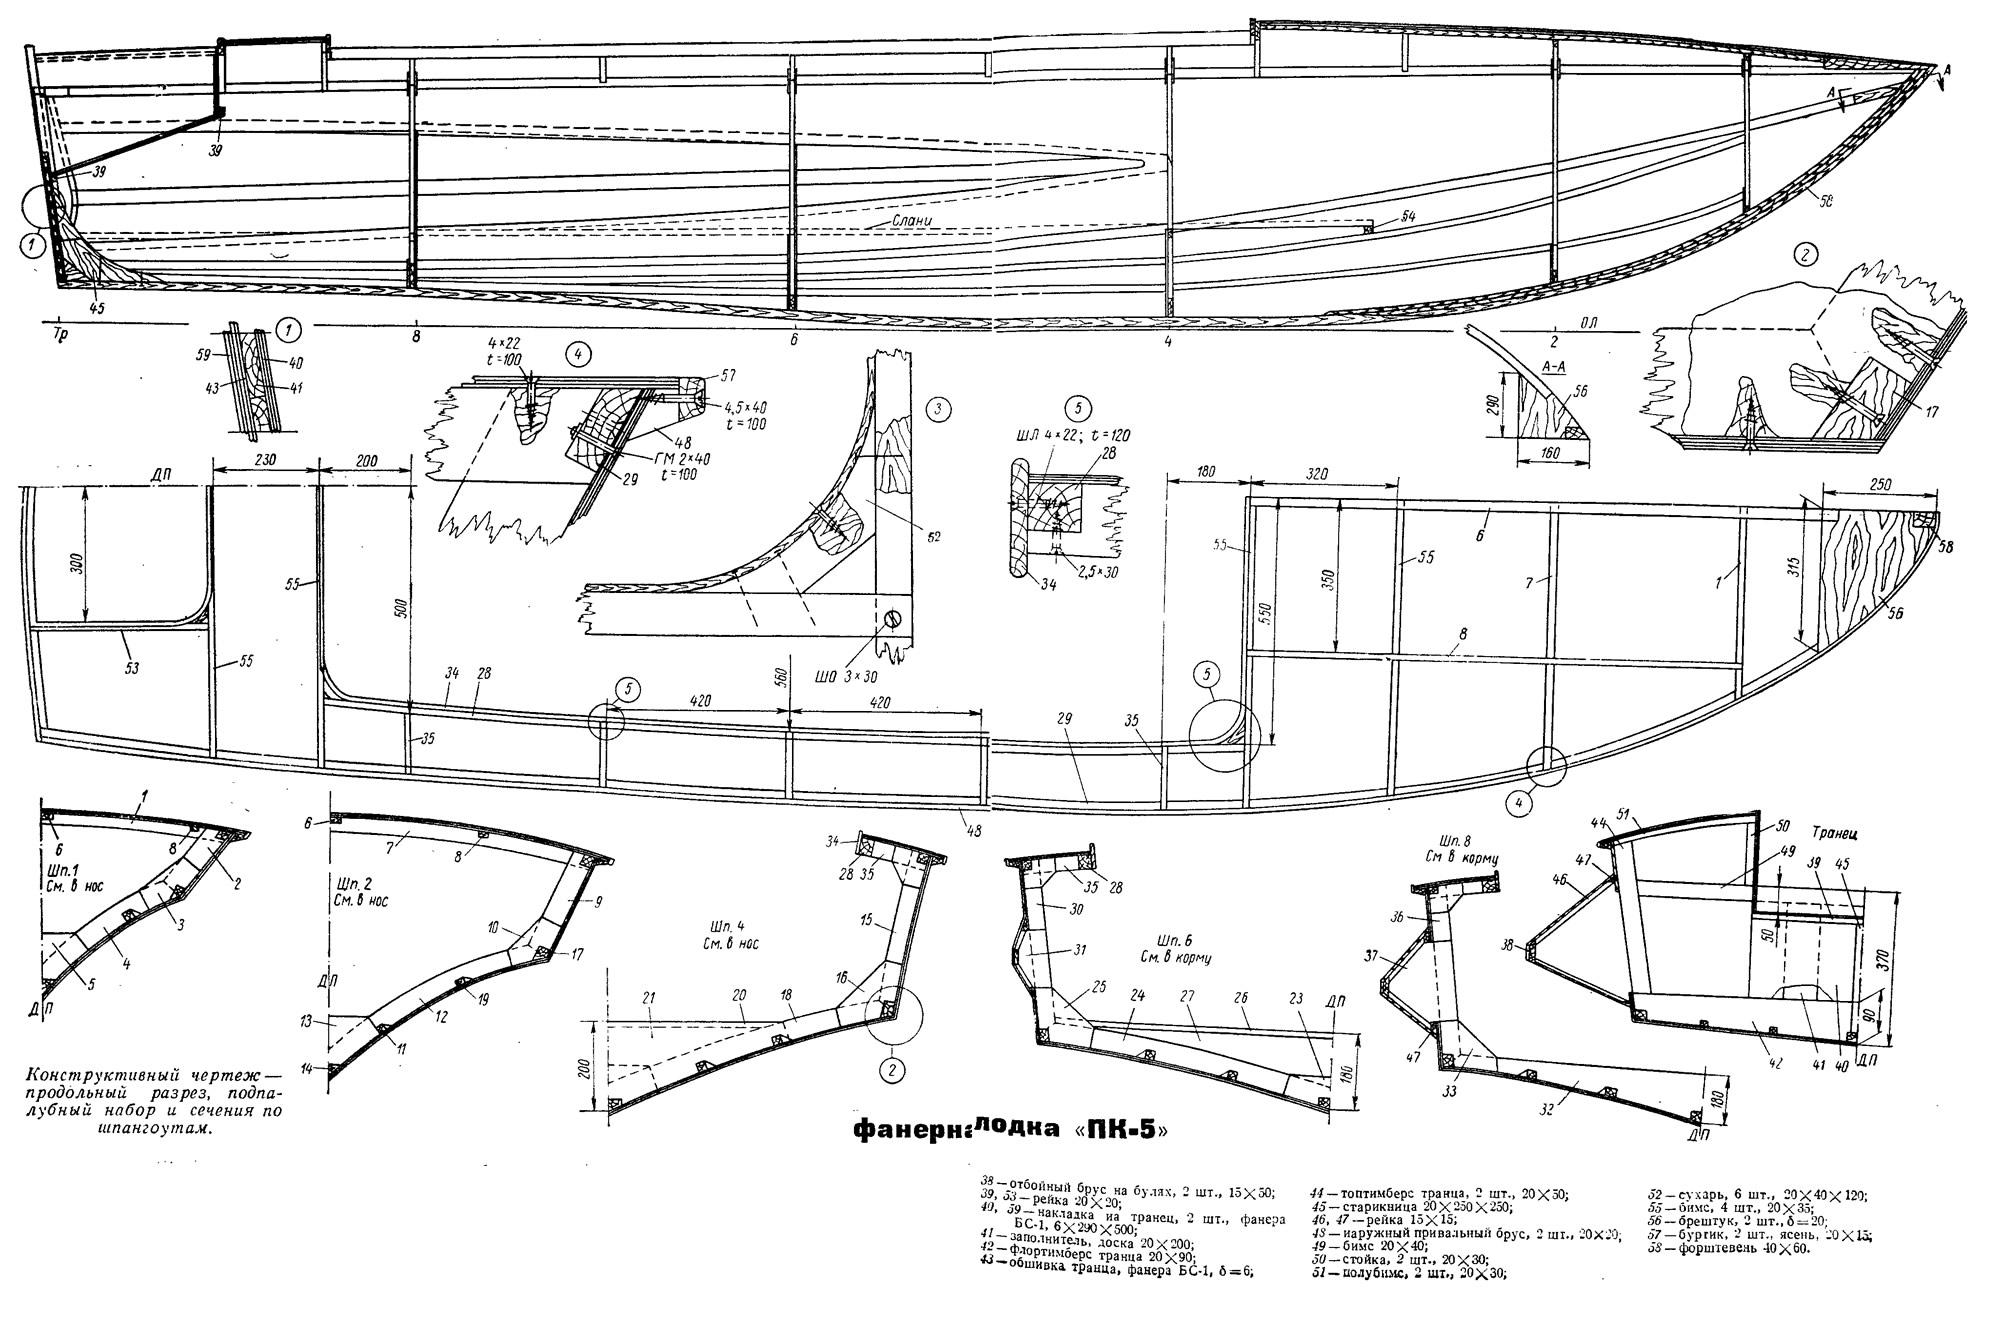 Проекты катеров, лодок и яхт для самостоятельной постройки 6